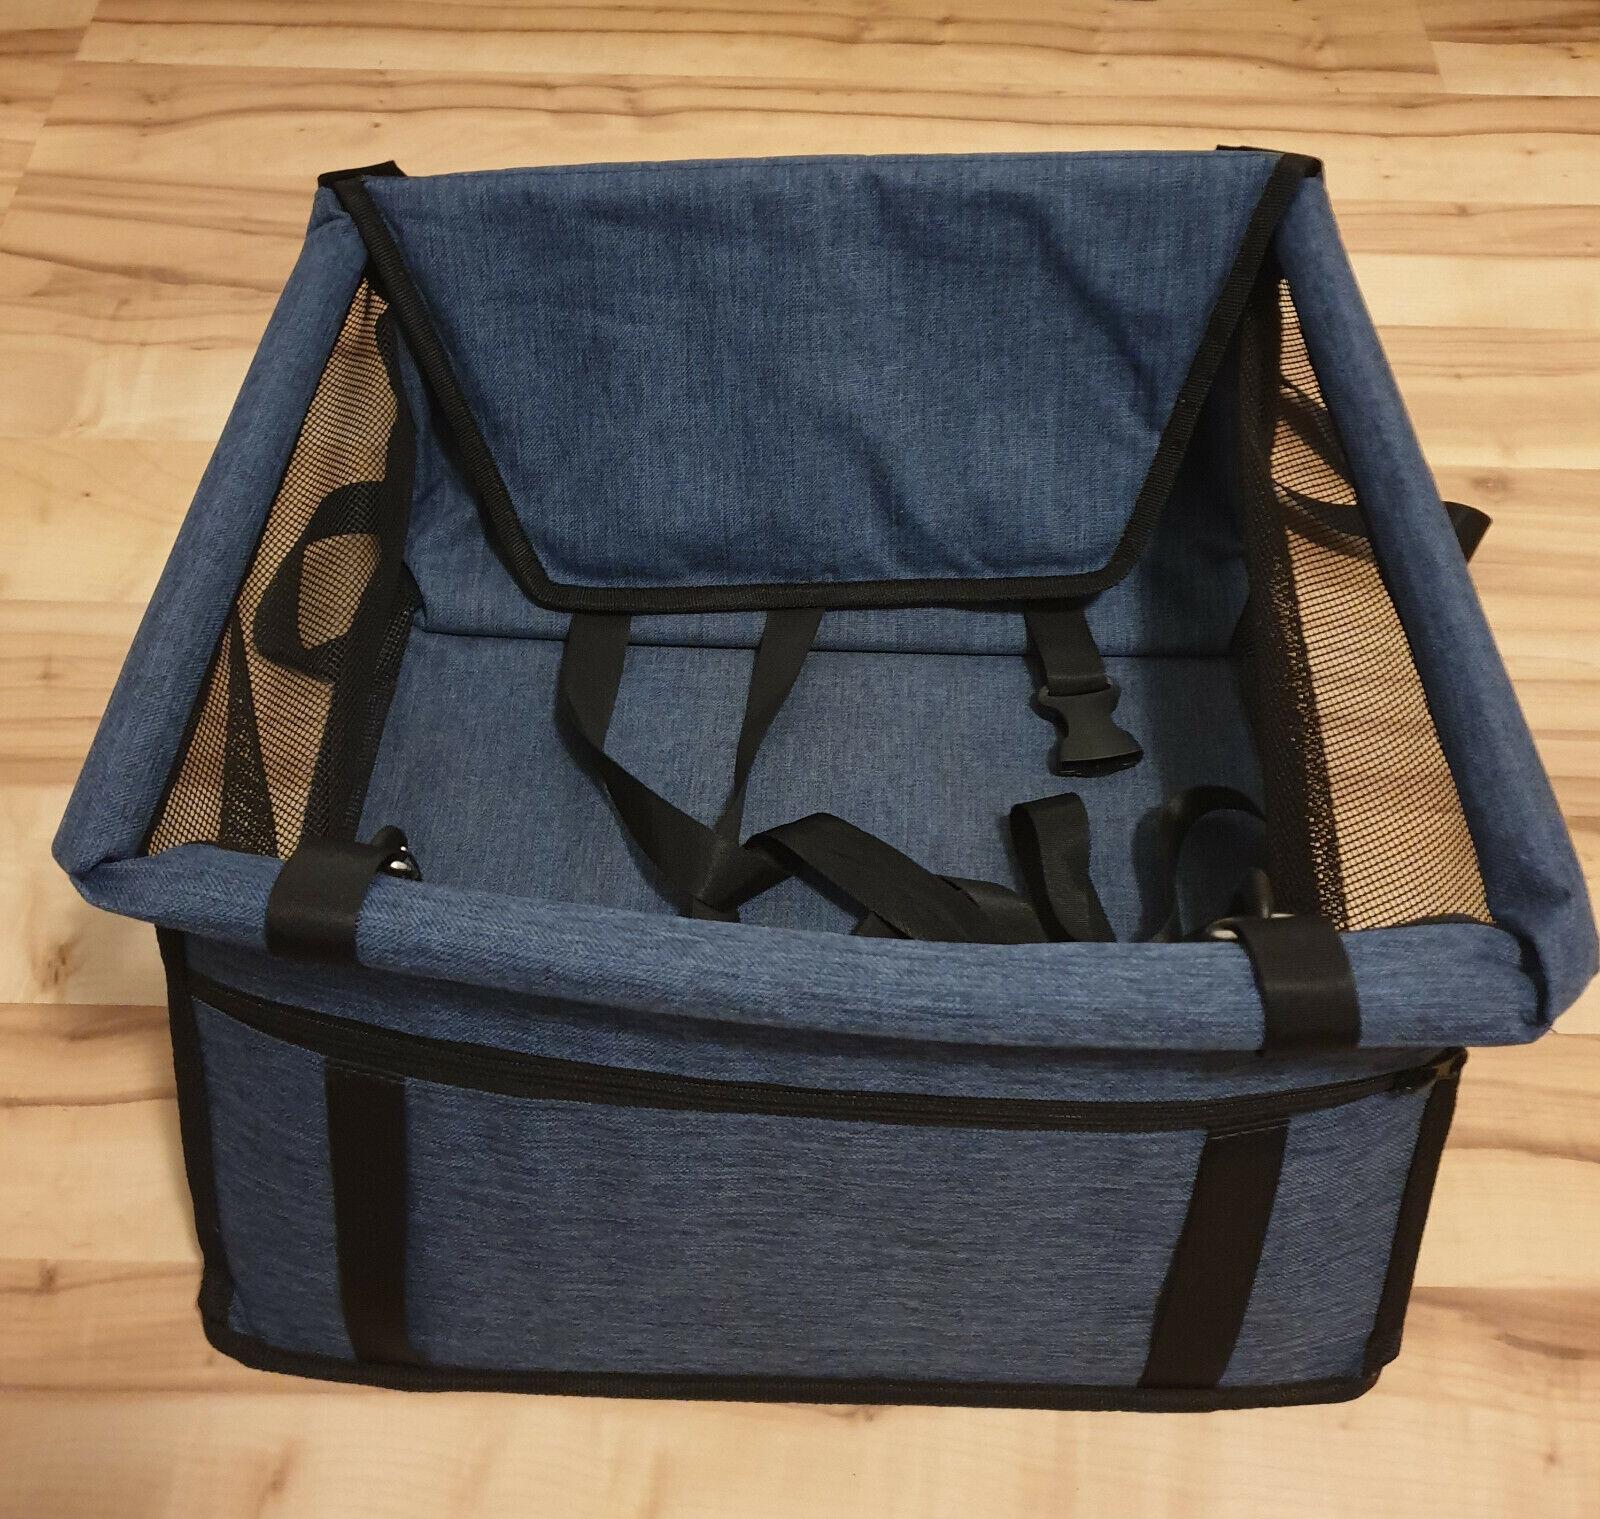 Transport-Tasche für Hund oder Katze / Transportbox für Auto etc. / NEU